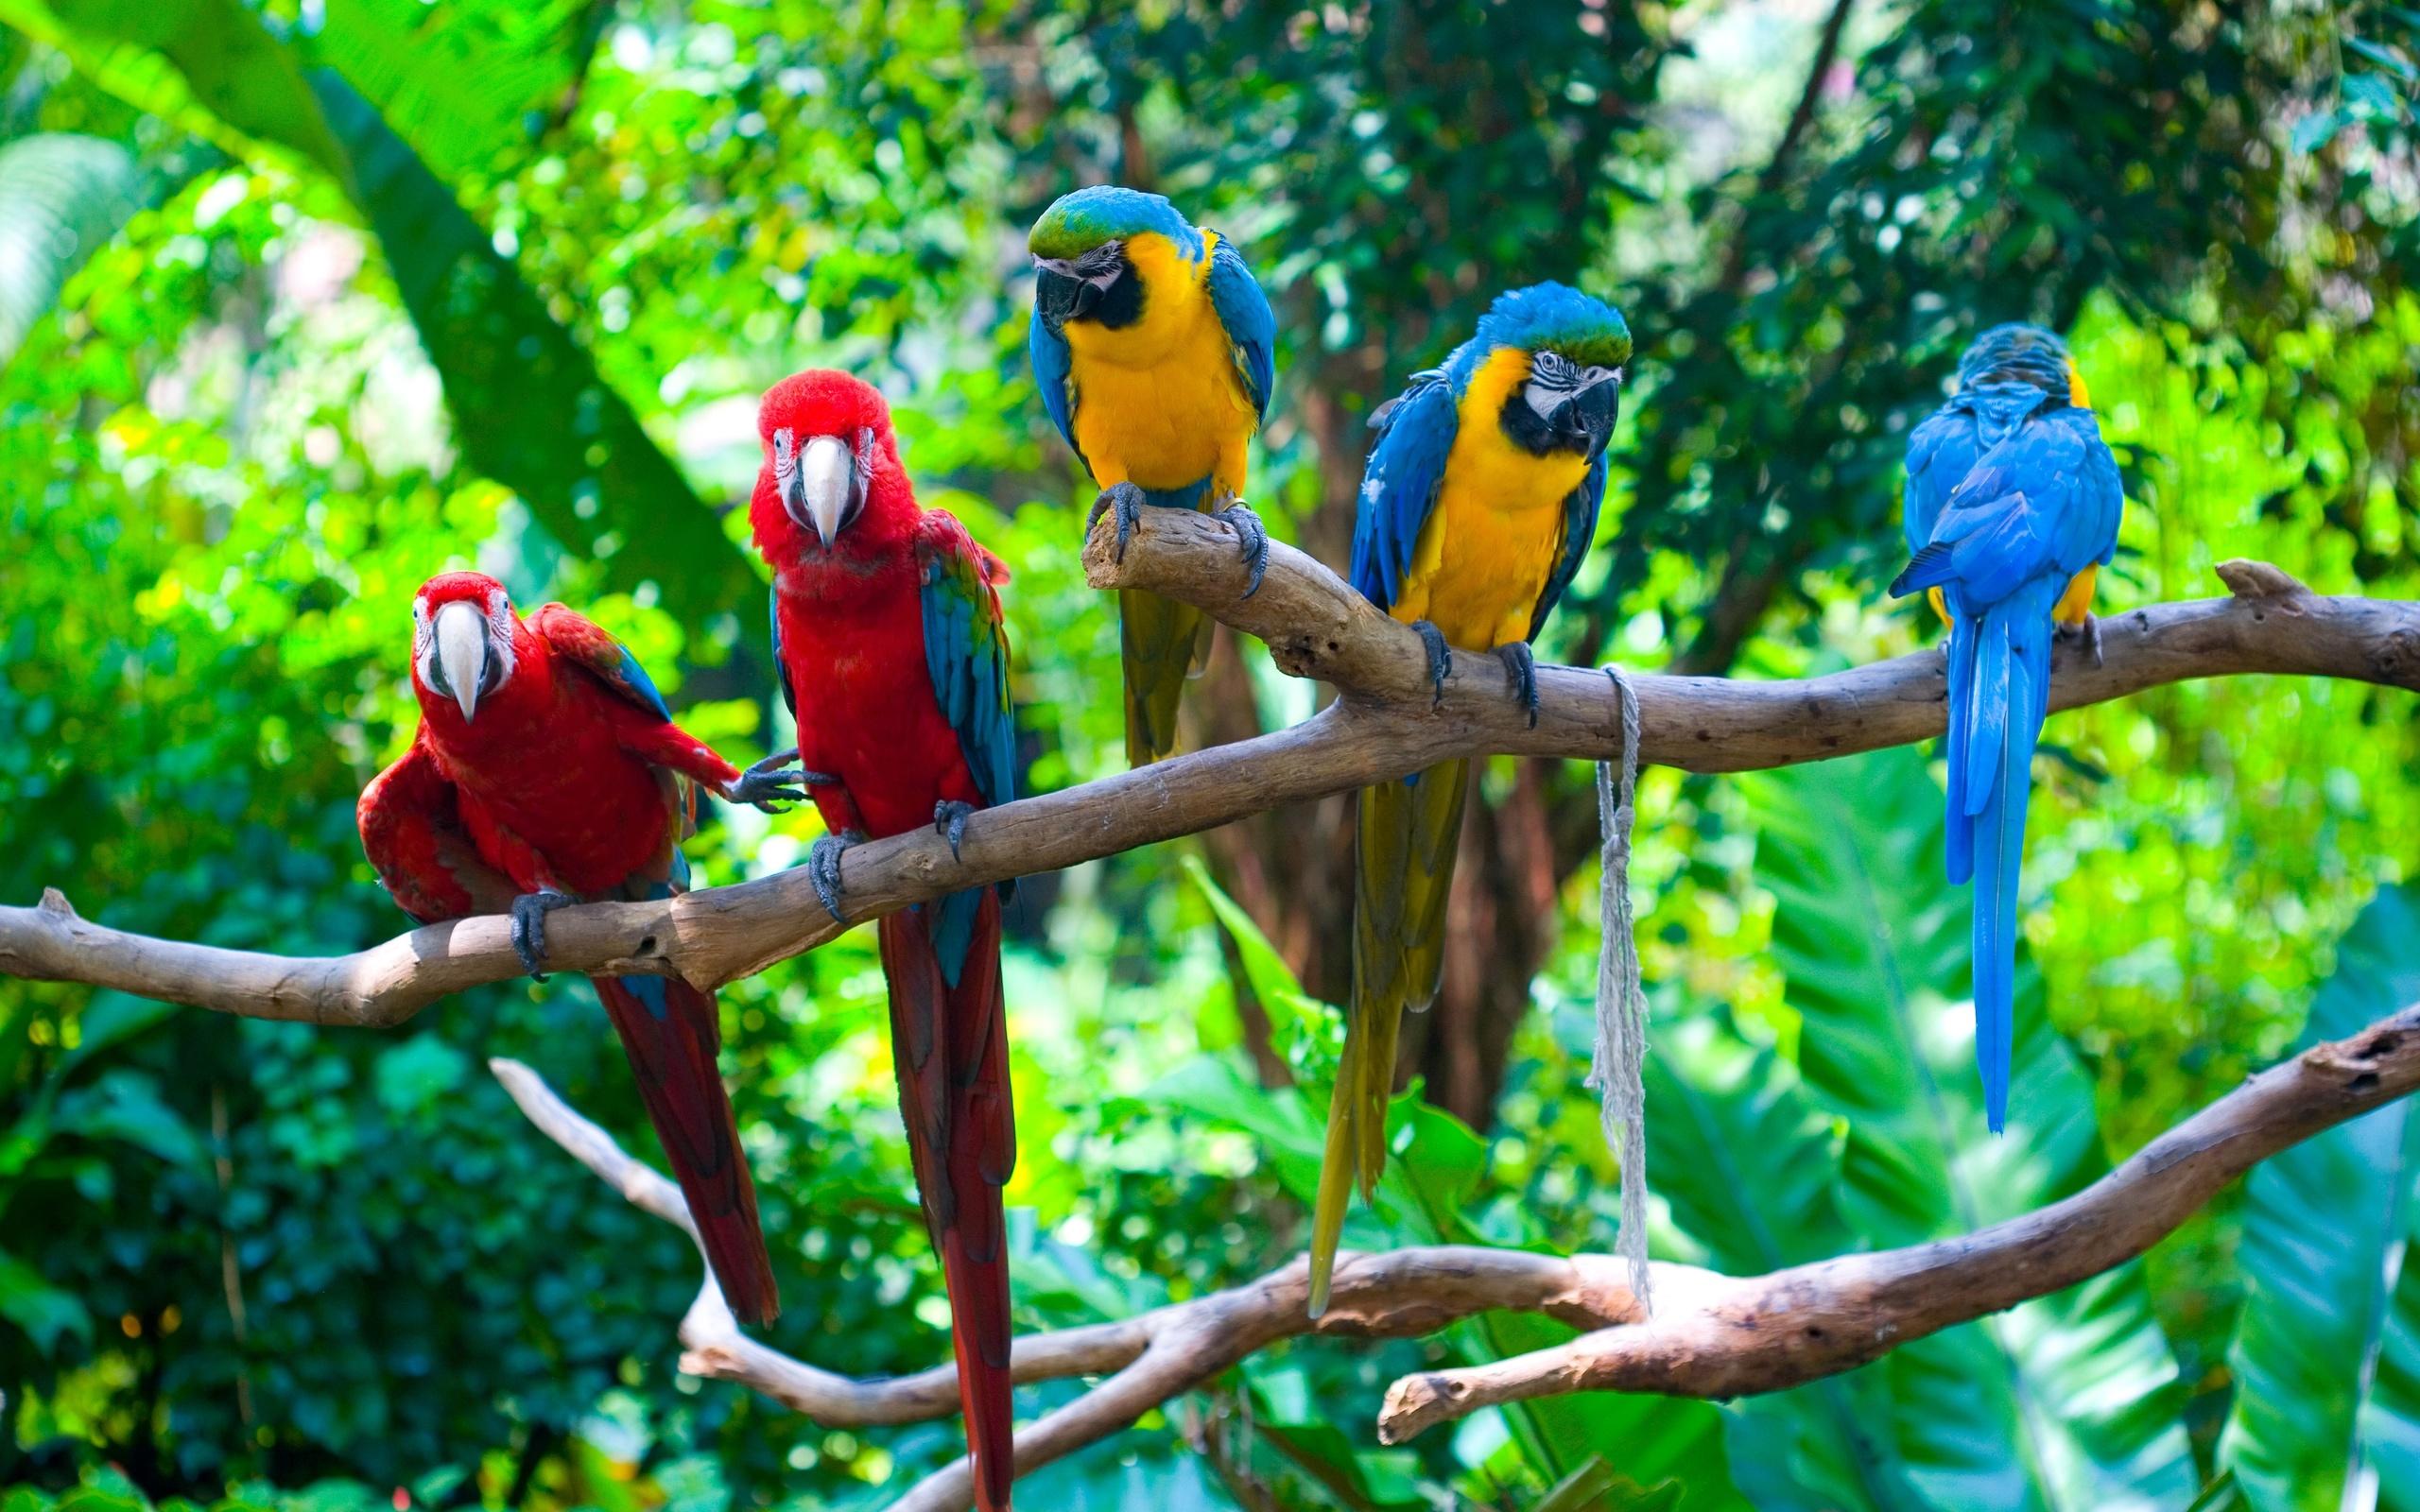 даже большие картинки птички фото осуществляется вашего